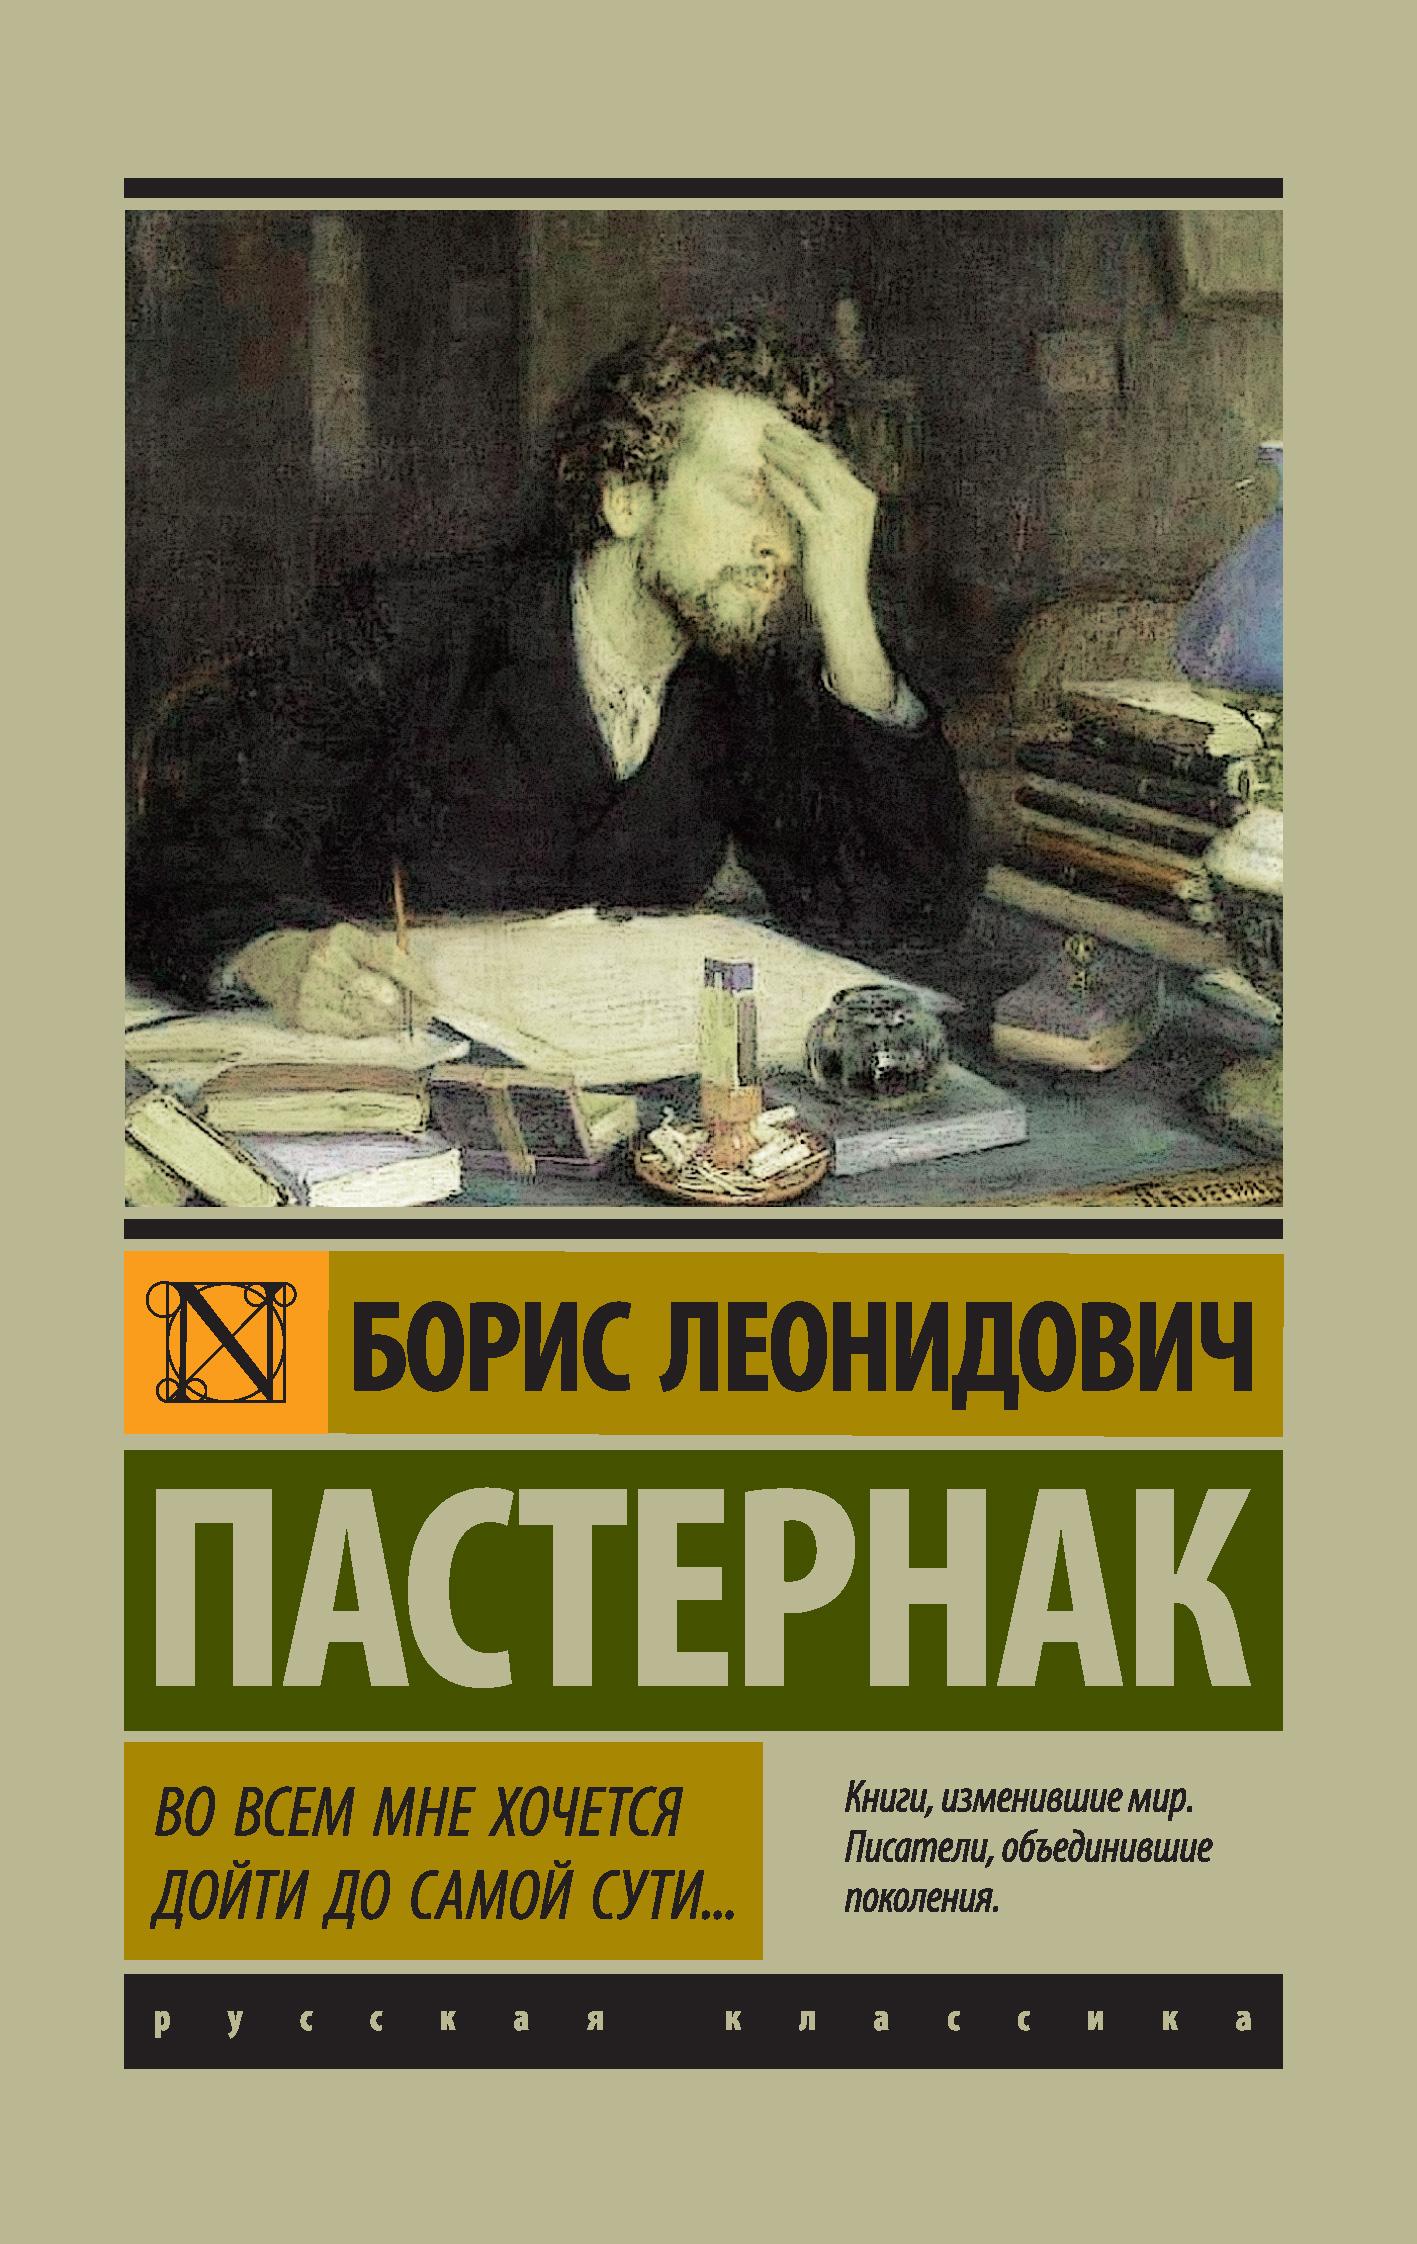 Борис Пастернак Во всем мне хочется дойти до самой сути… пастернак борис леонидович во всем мне хочется дойти до самой сути… сборник